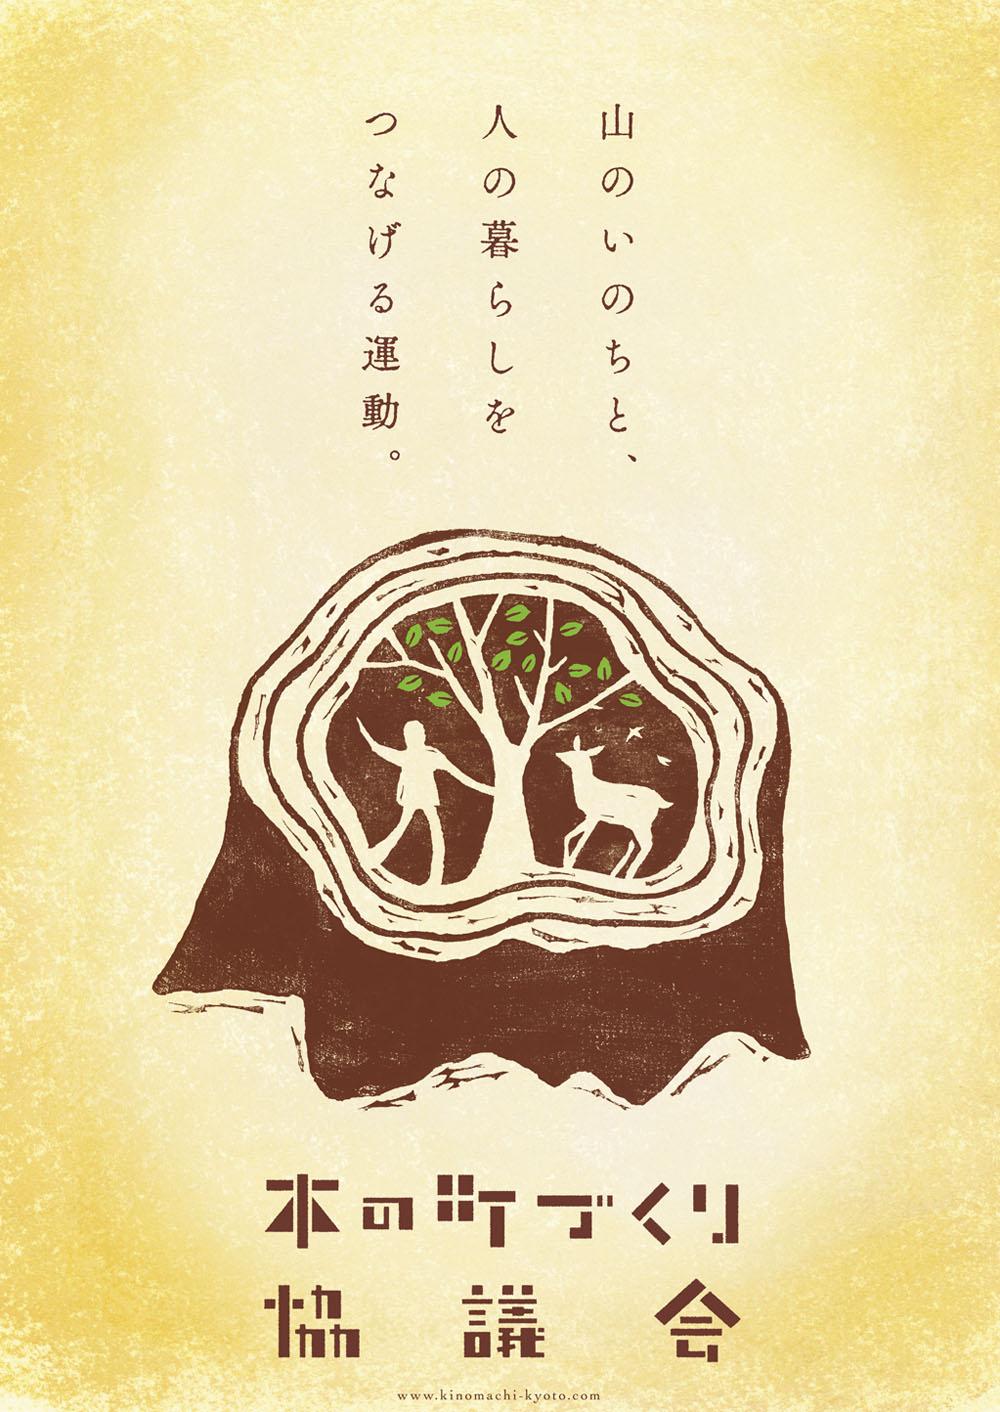 木の町づくり協議会 ポスター1